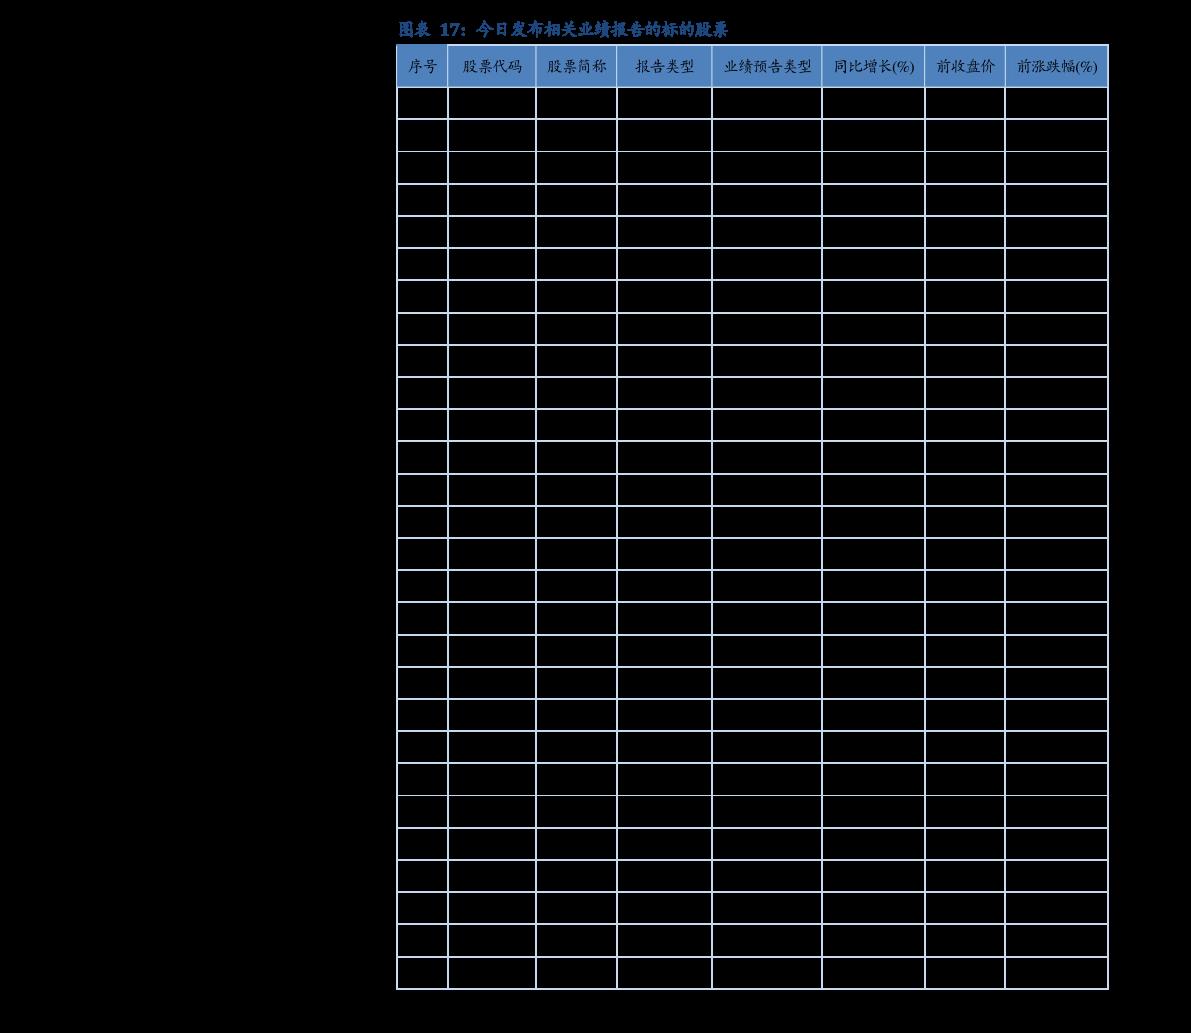 华鑫雷火电竞平台-两融策略:海外疫苗再添利好,提振全球资本市场-201117